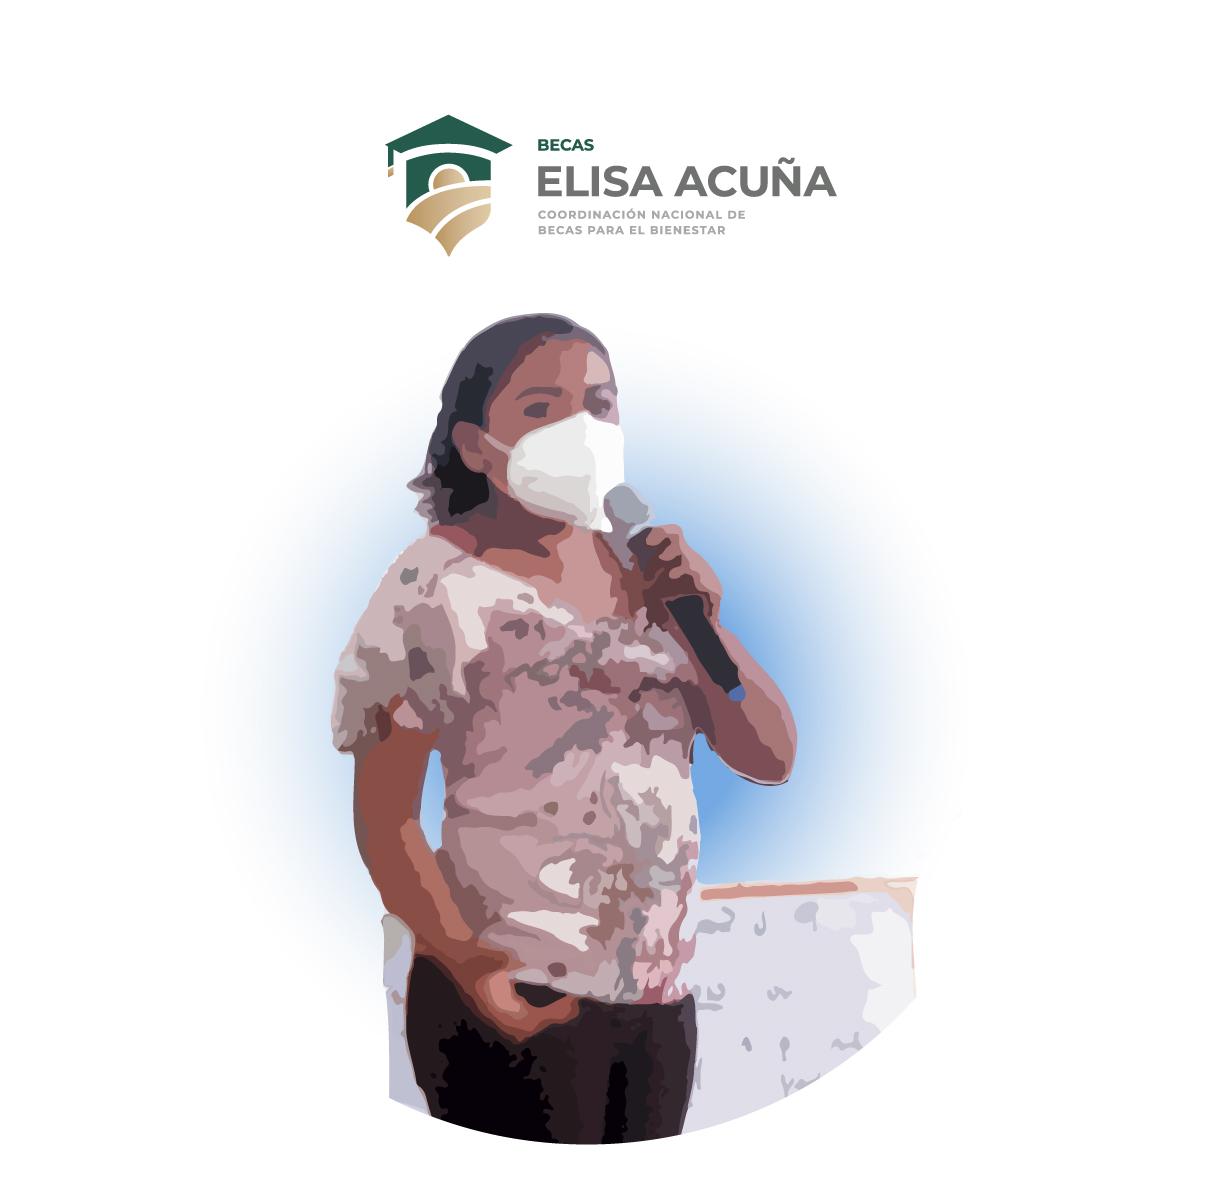 becas-benito-juarez-consulta-las-convocatorias-de-becas-elisa-acuna-2021-1-160494